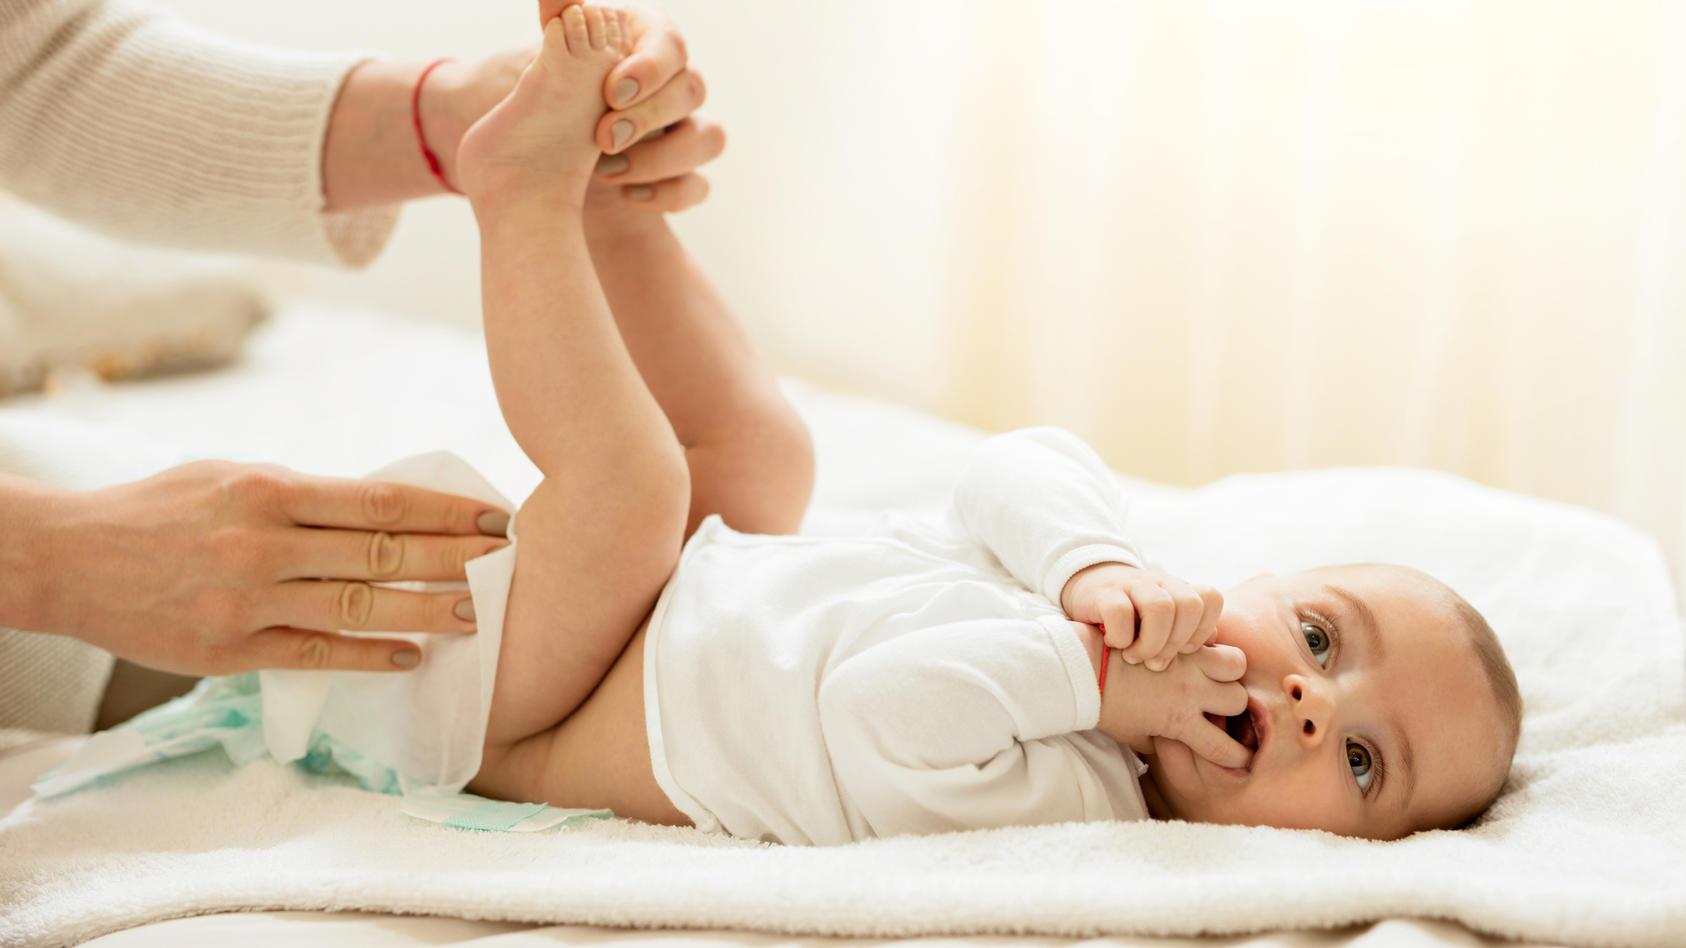 ist-es-schadlich-furs-babys-wenn-man-ihre-beine-beim-wickeln-hochhalt